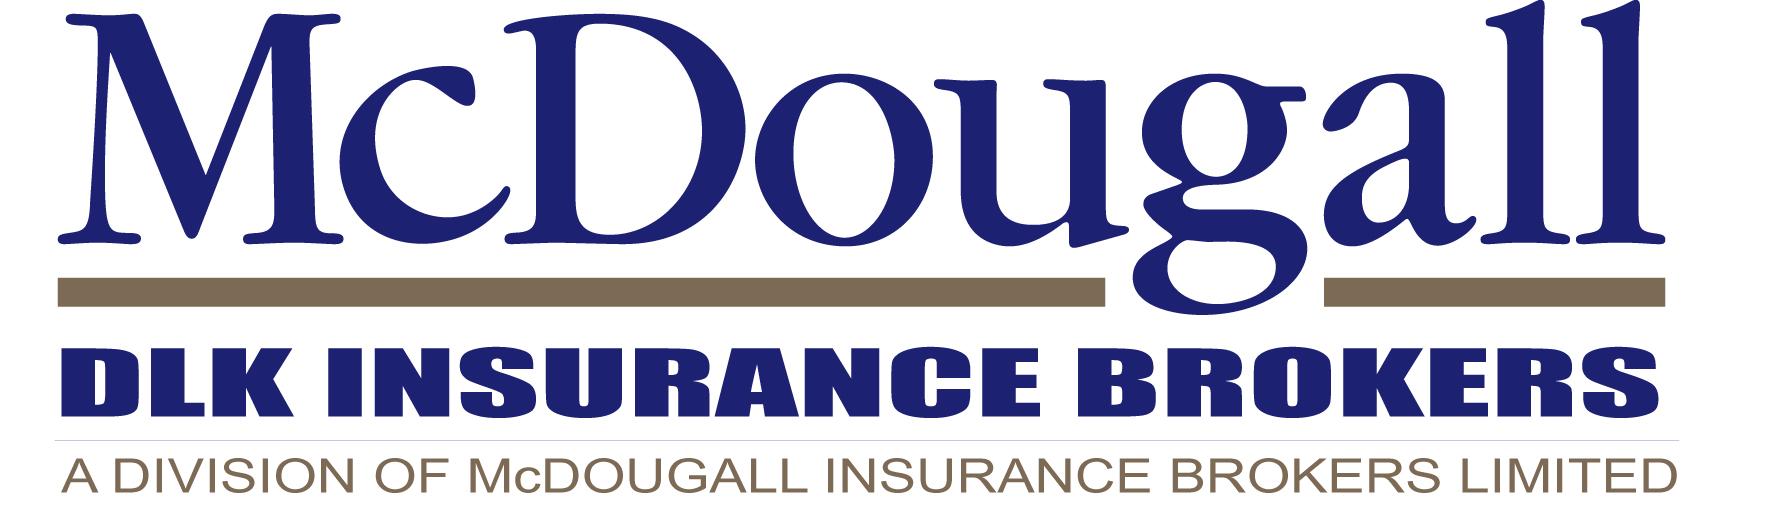 DLK Insurance